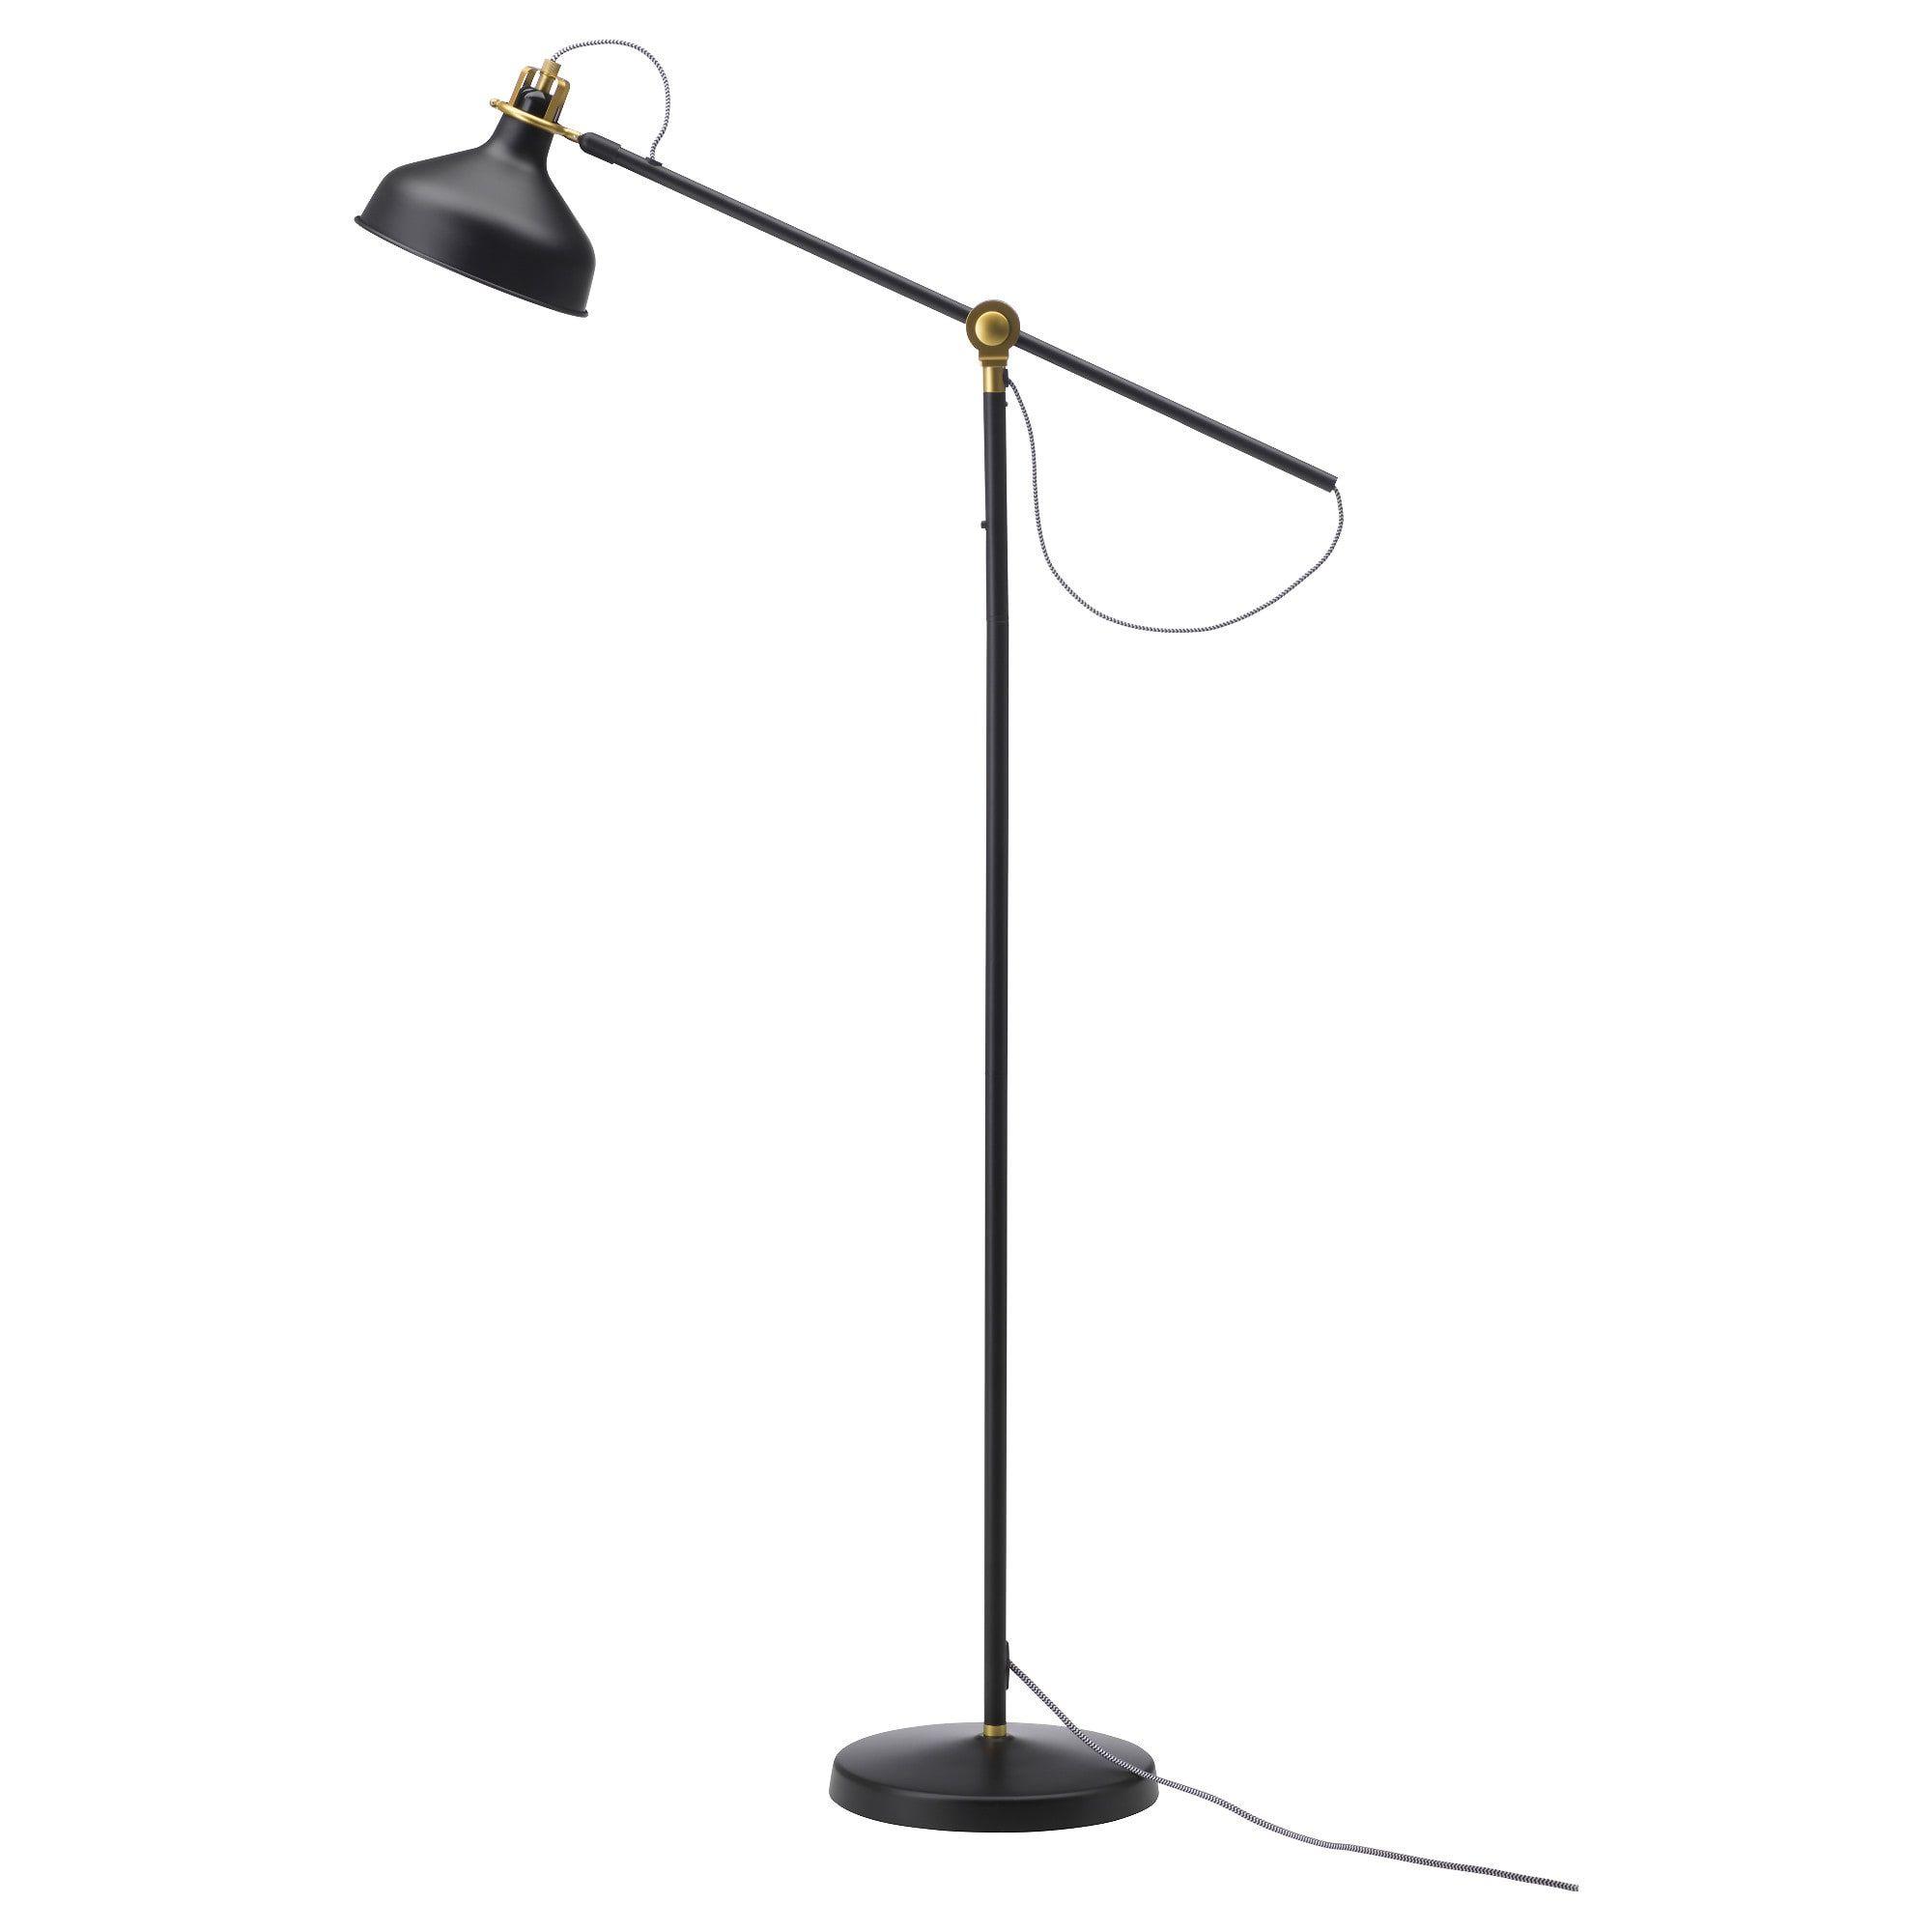 Full Size of Stehlampe Ikea Led Ranarp Floor Reading Lamp Black Genial Wohnzimmer Küche Kaufen Sofa Mit Schlaffunktion Kosten Miniküche Betten Bei Modulküche Wohnzimmer Stehlampe Ikea